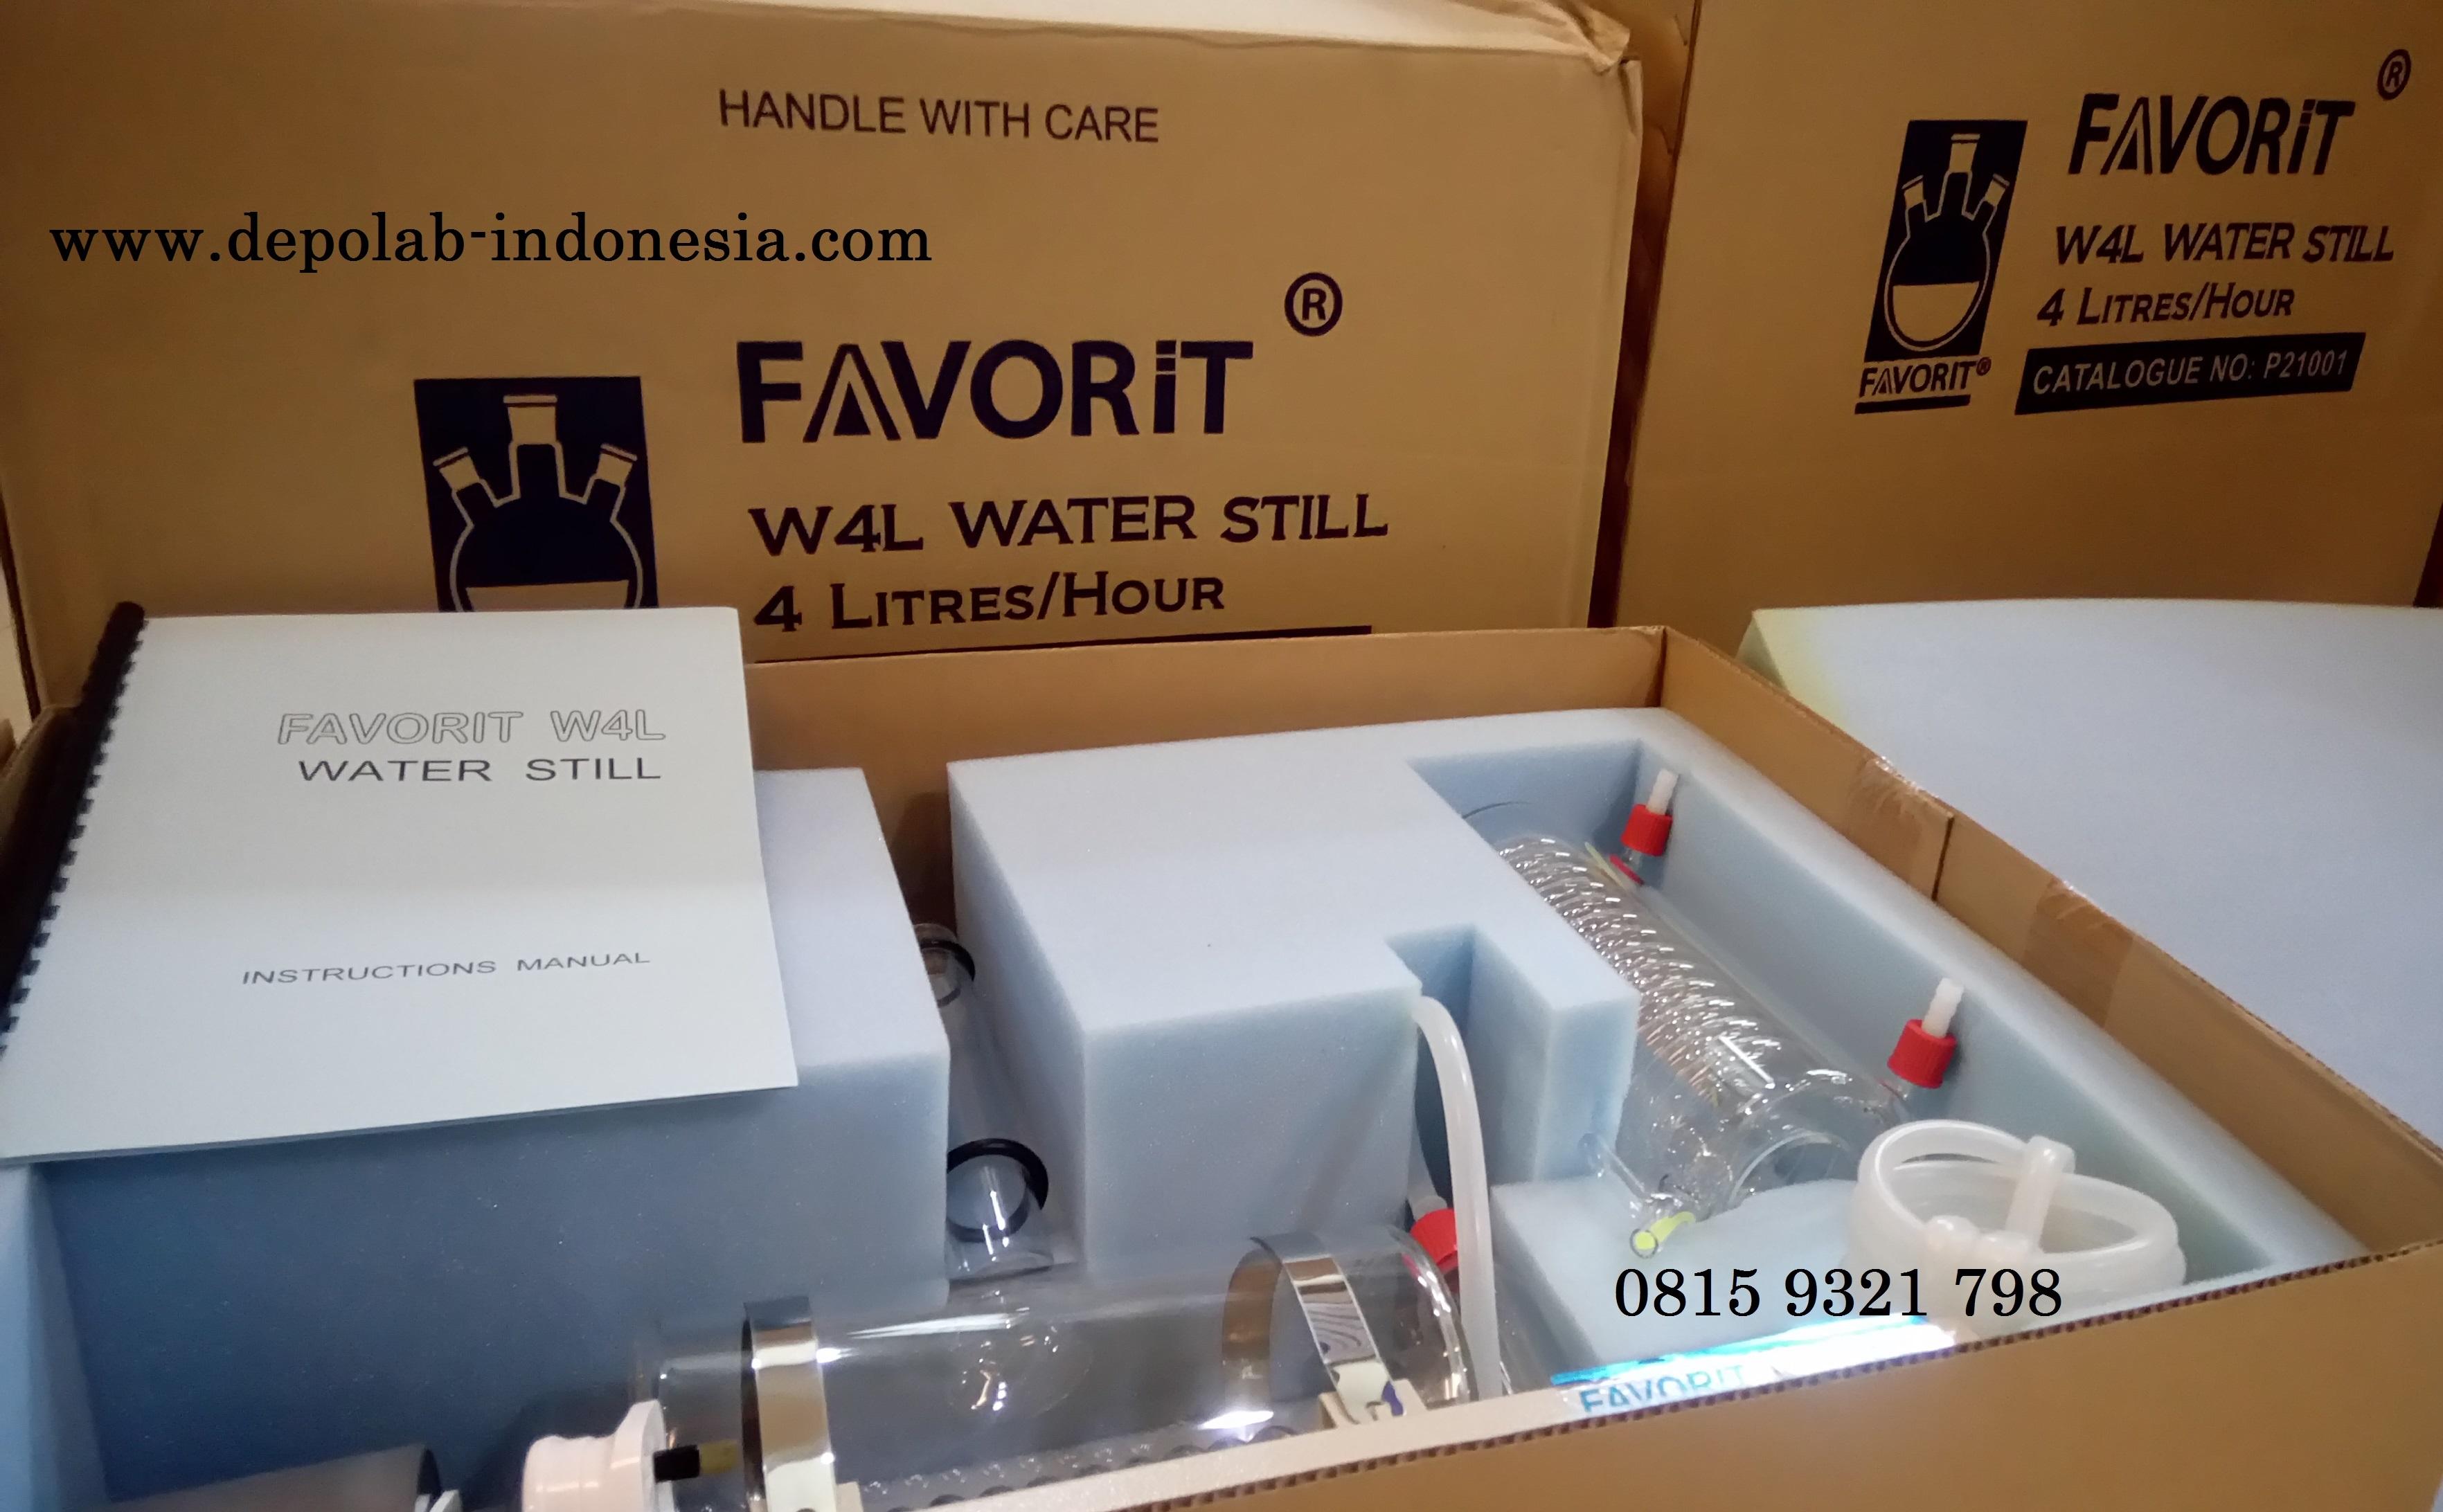 WATER STILL W4L